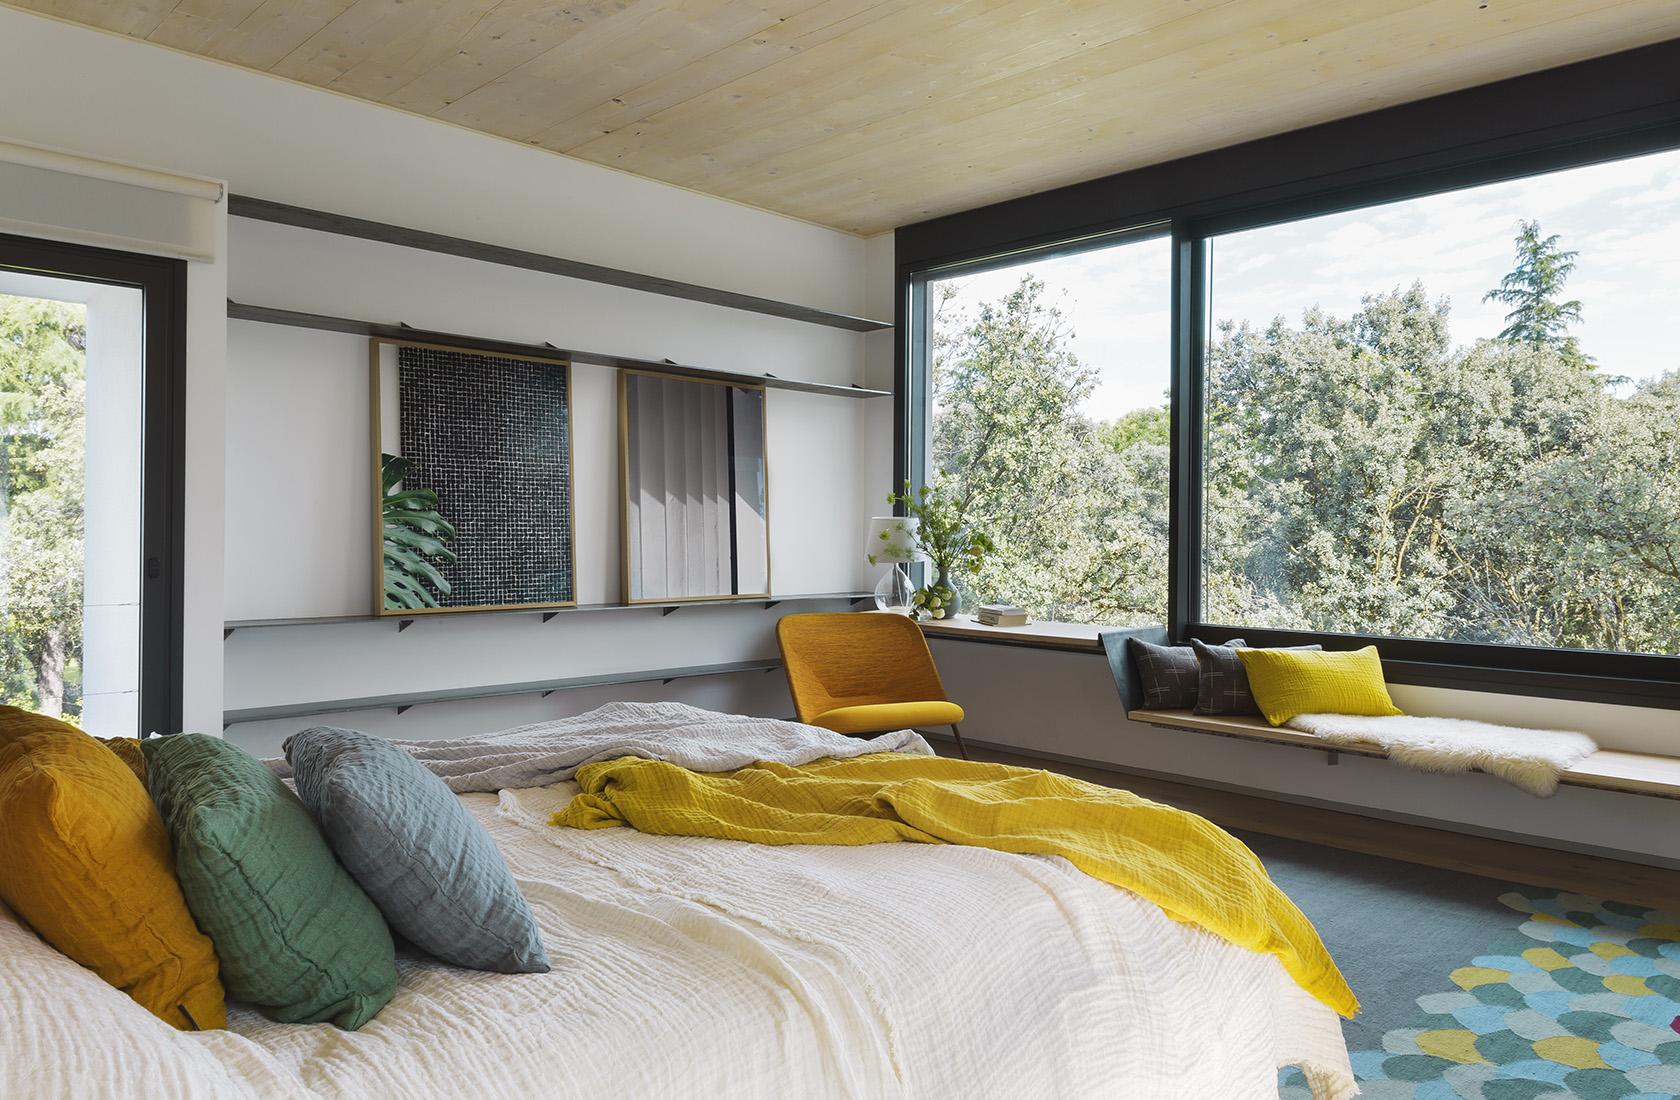 Vista general del dormitorio principal de la Casa CH, una construcción en madera